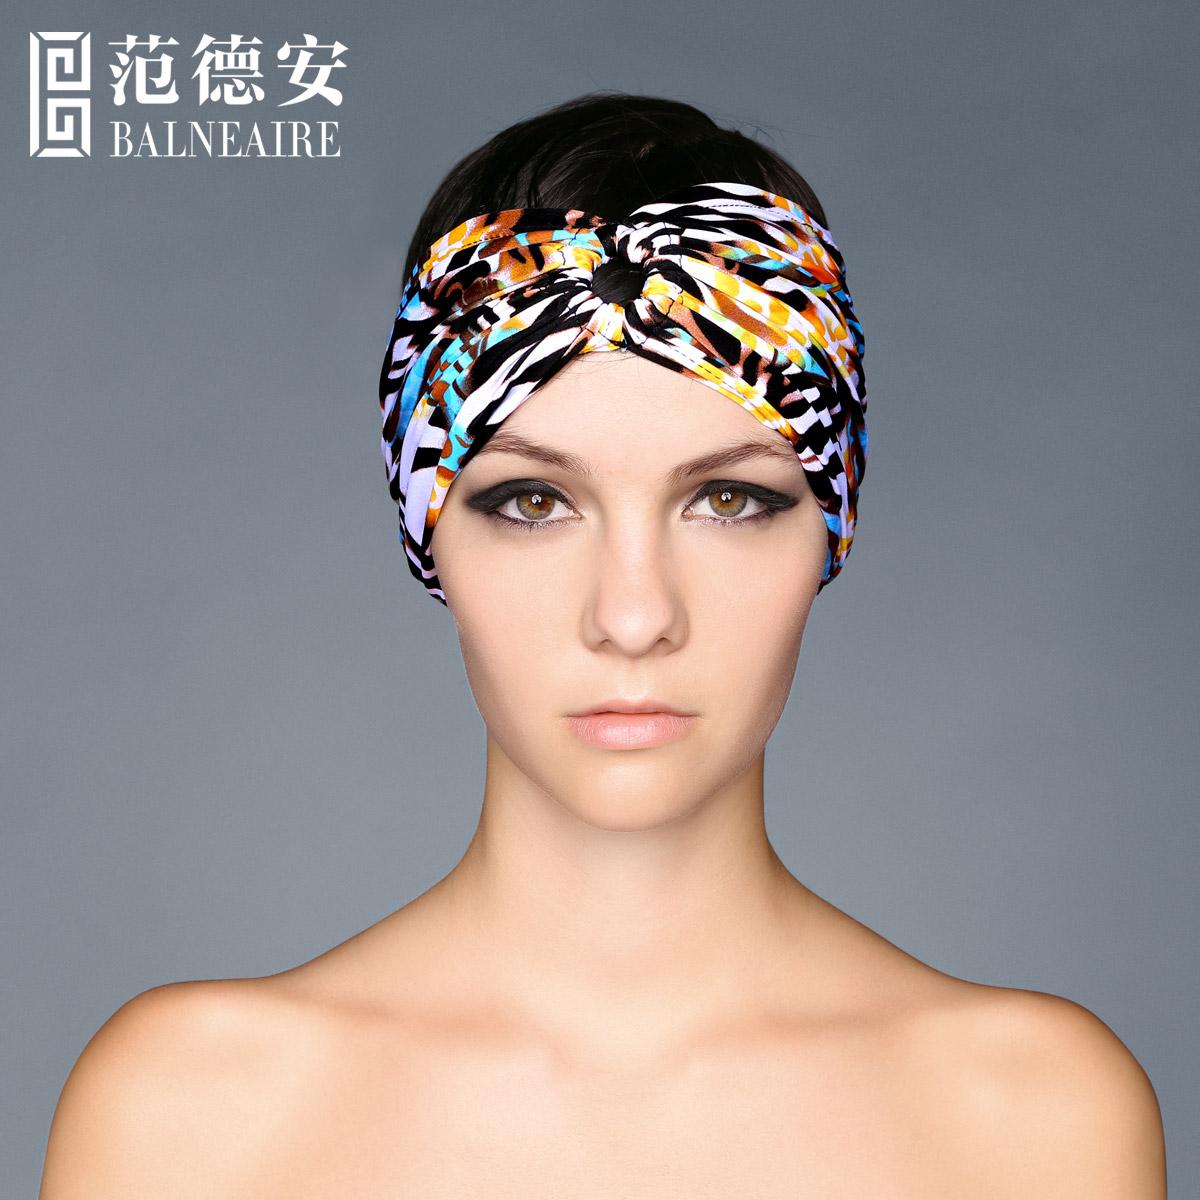 範德安簡約甜美遊泳發帶 寬邊 頭箍發束海邊度假 頭飾